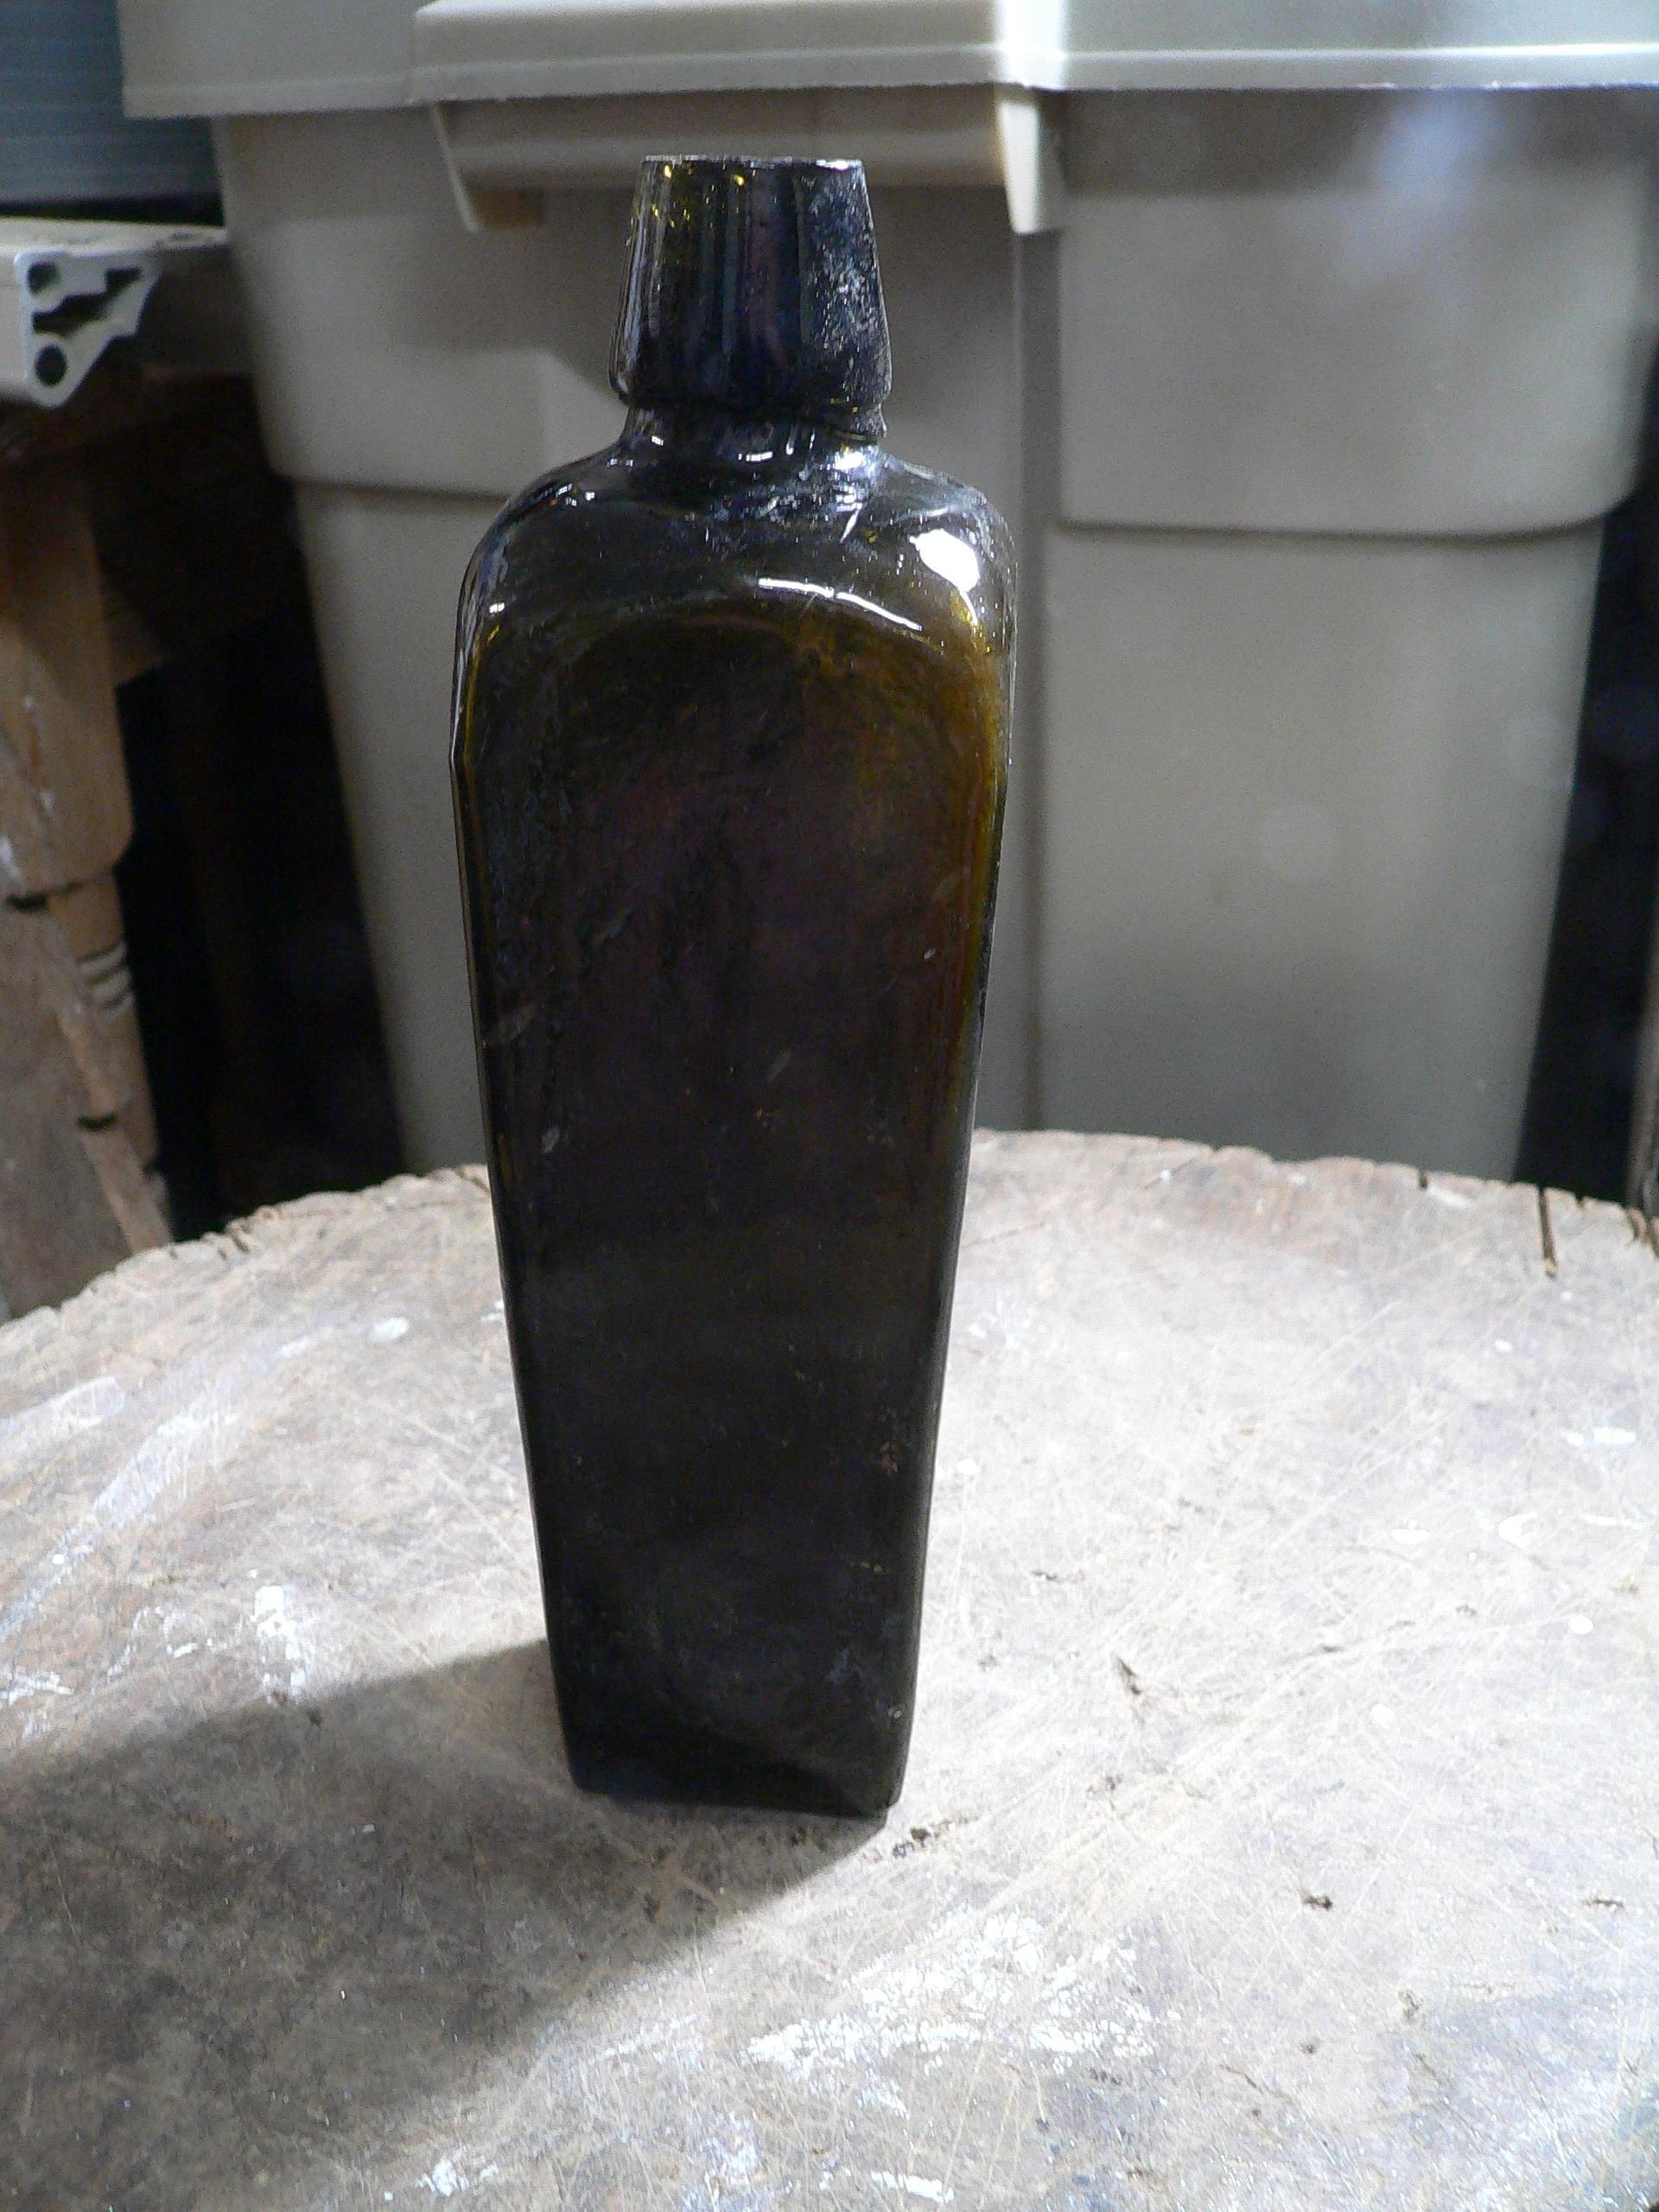 Bouteille antique de gin 4 épaule # 7484.39